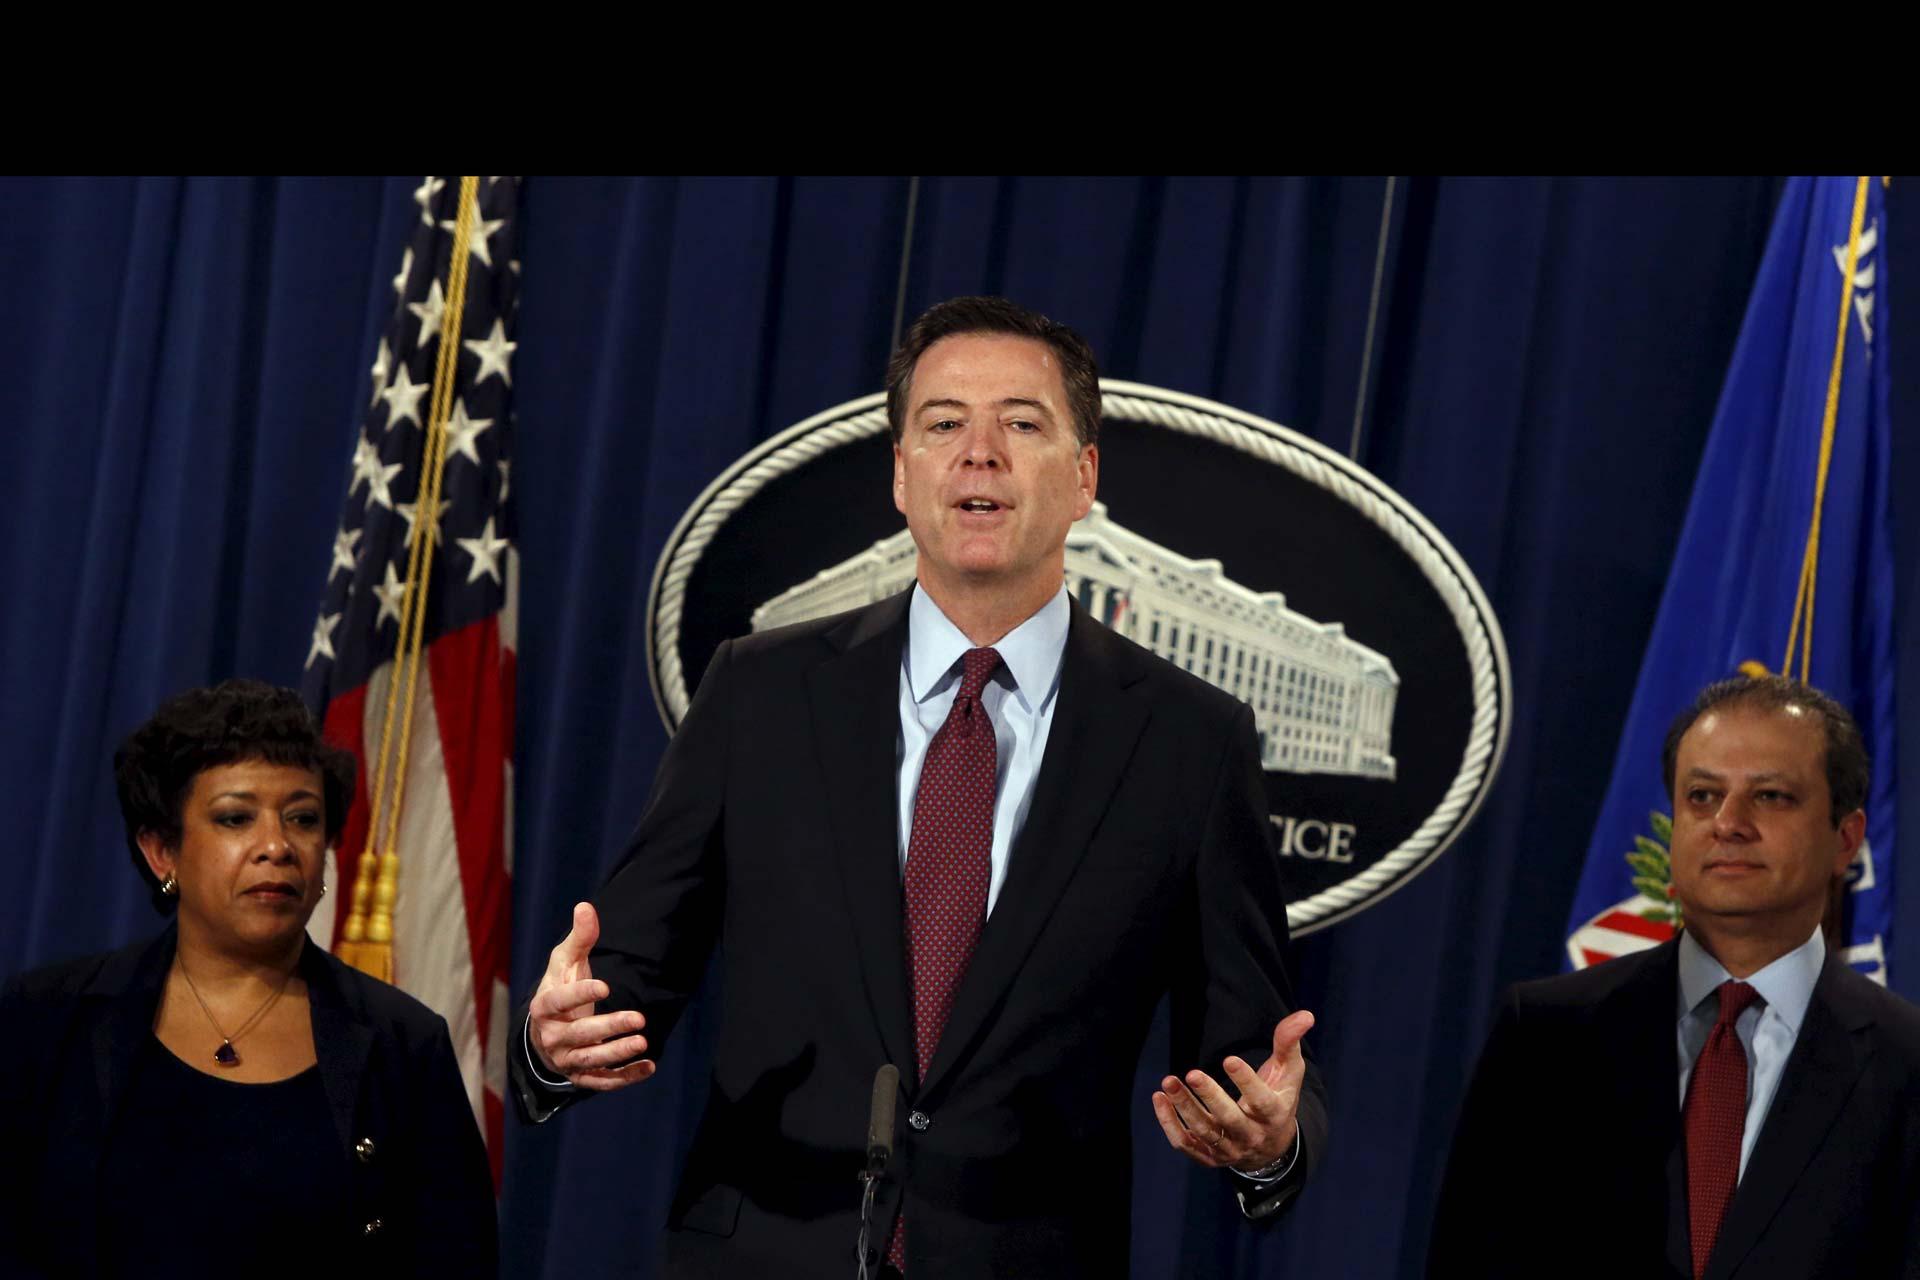 El director del FBI no reveló la cifra exacta, pero dijo que fue mayor a lo que él cobrará en todo lo que le queda en el cargo